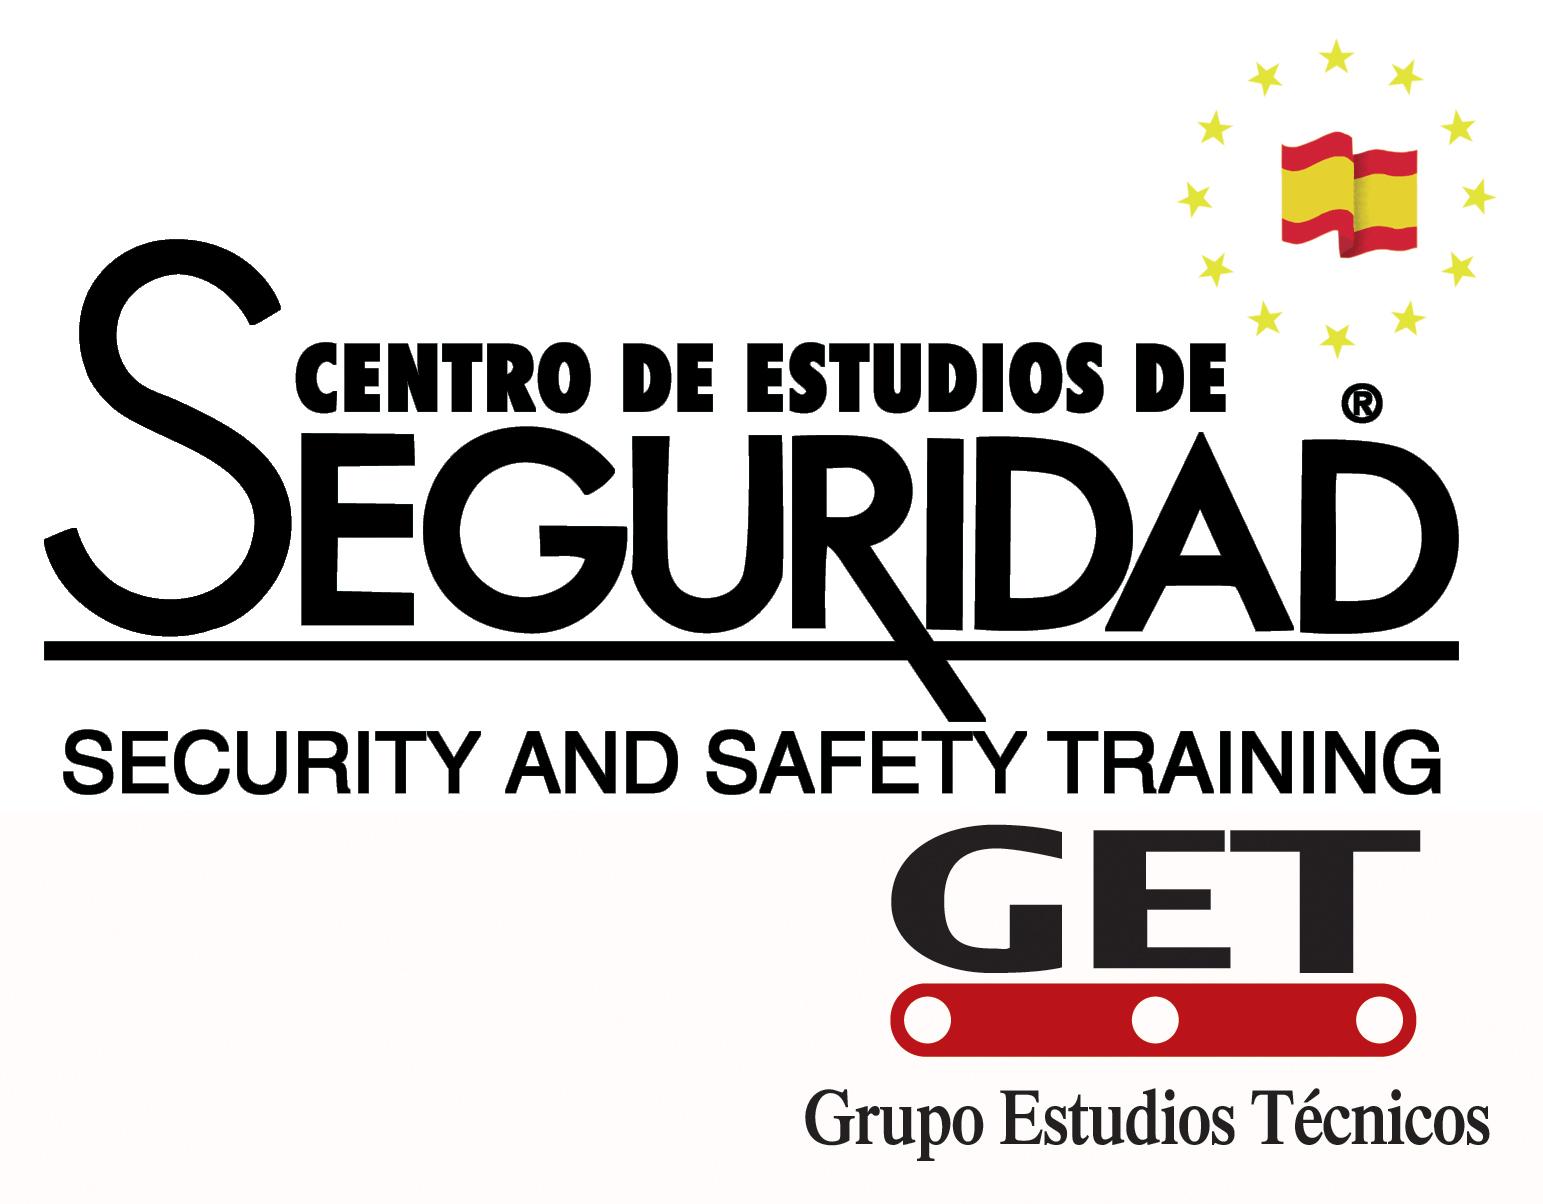 Centro de Estudios de Seguridad - Grupo Estudios Técnicos -GET-